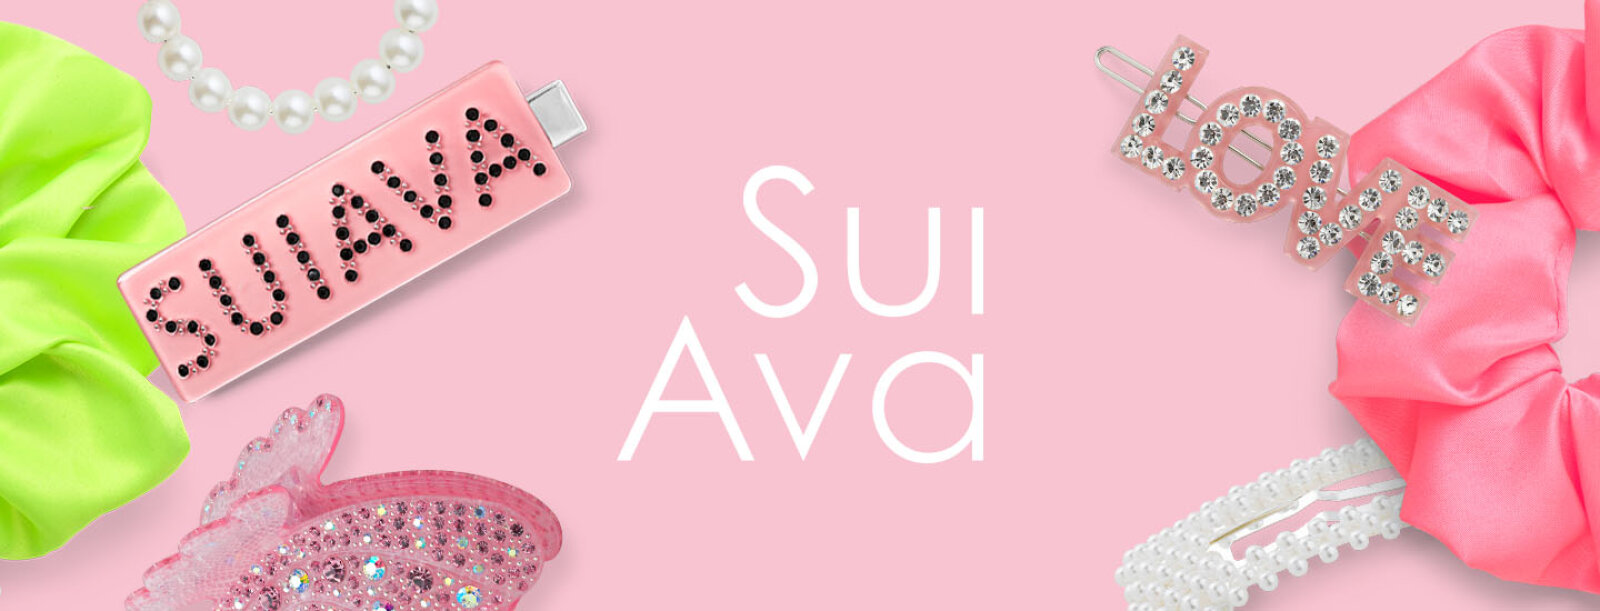 Sui Ava